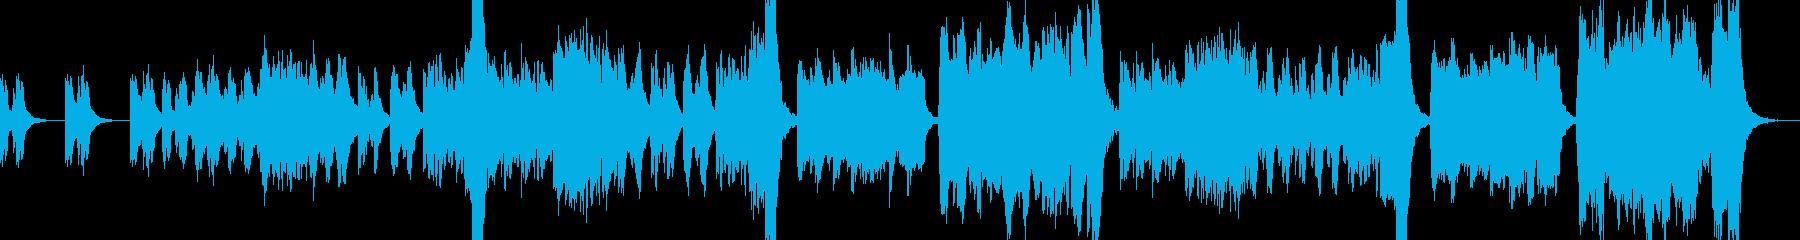 ハロウィンに合うホラー風オーケストラの再生済みの波形